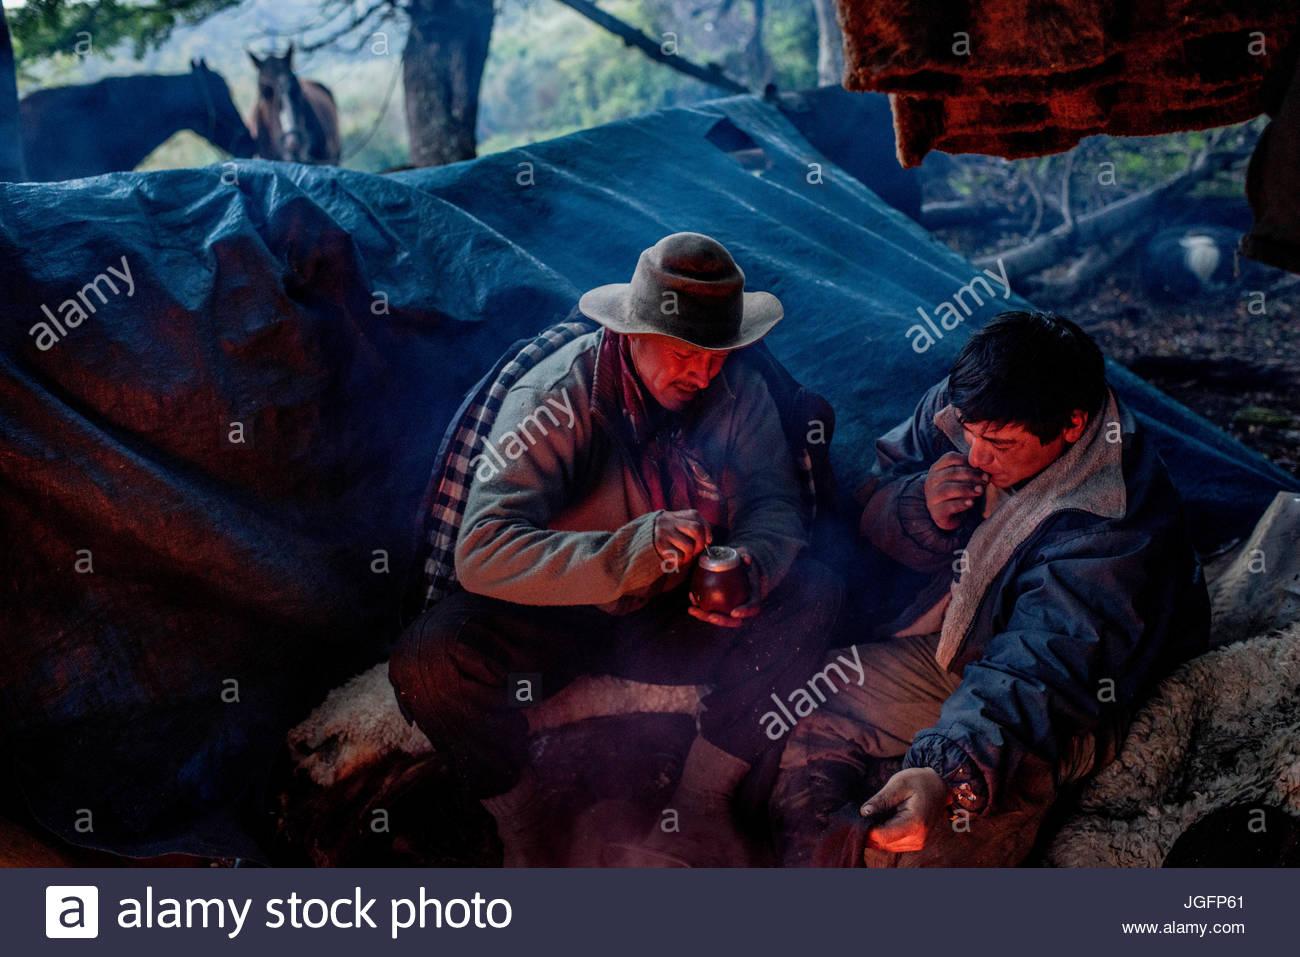 Bagualeros, cowboy che cattura di animali selvatici, bere tè mate mentre camping. Immagini Stock